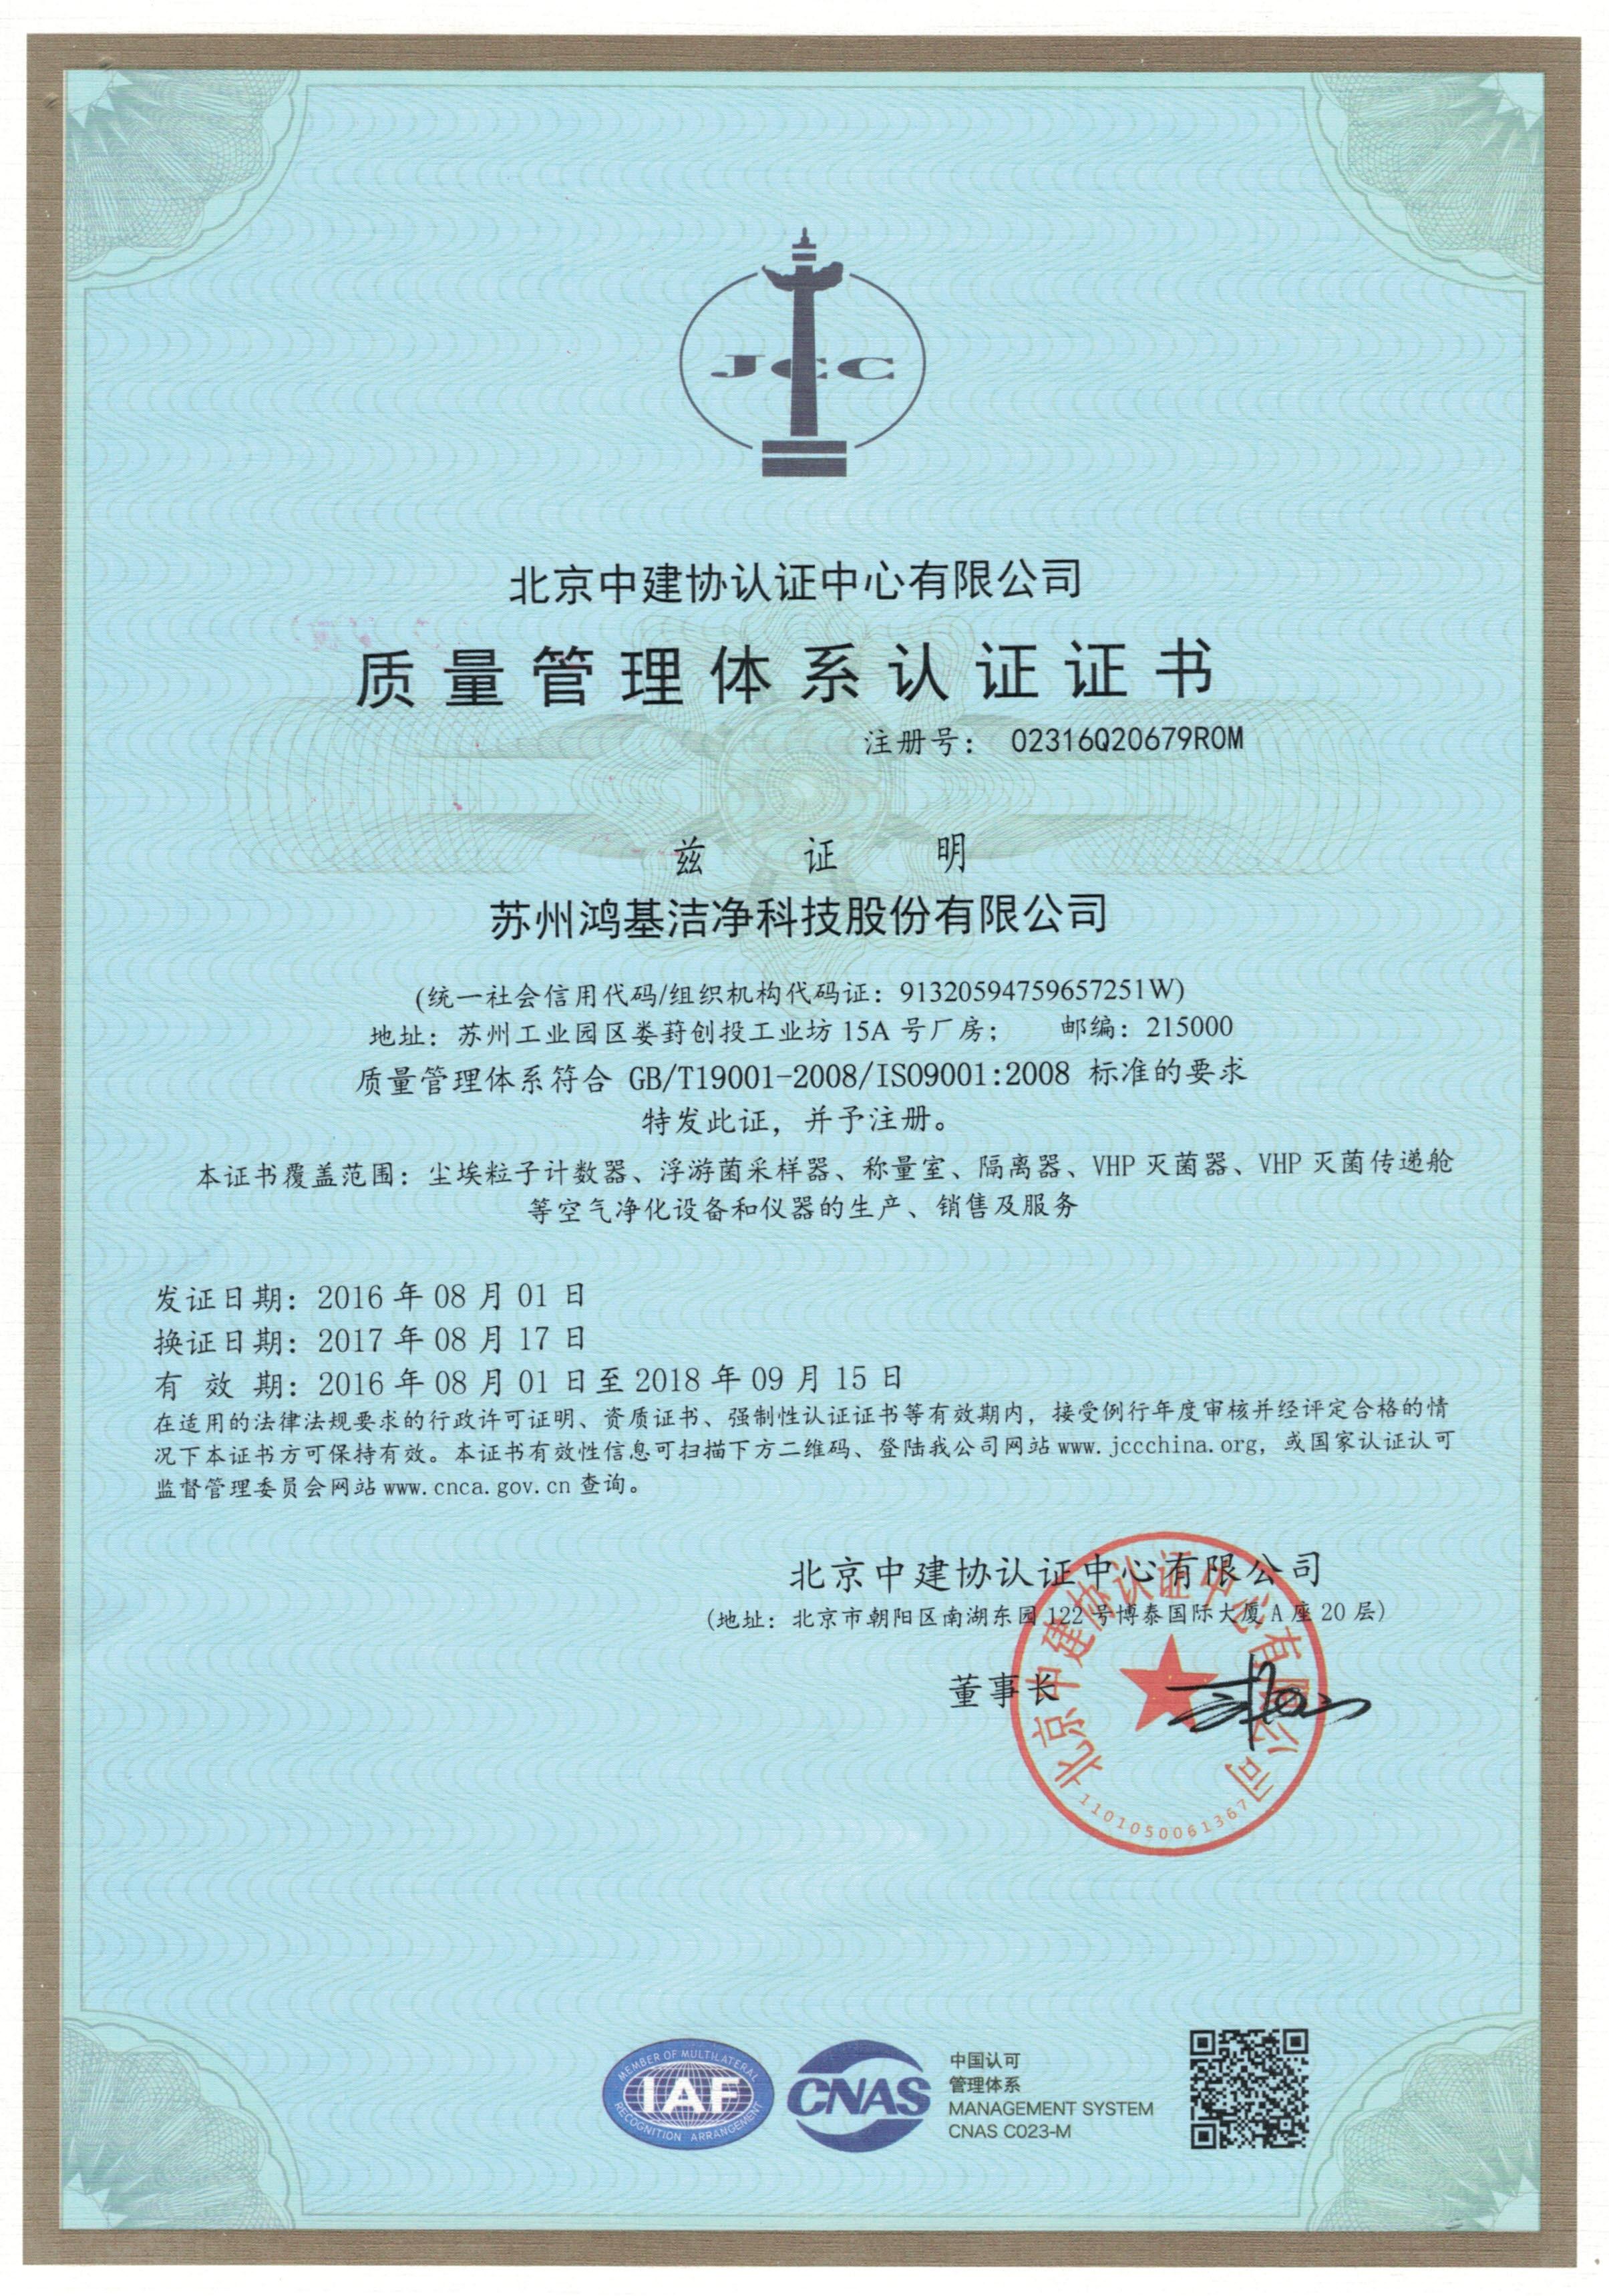 20170825质量管理体系认证--中文版